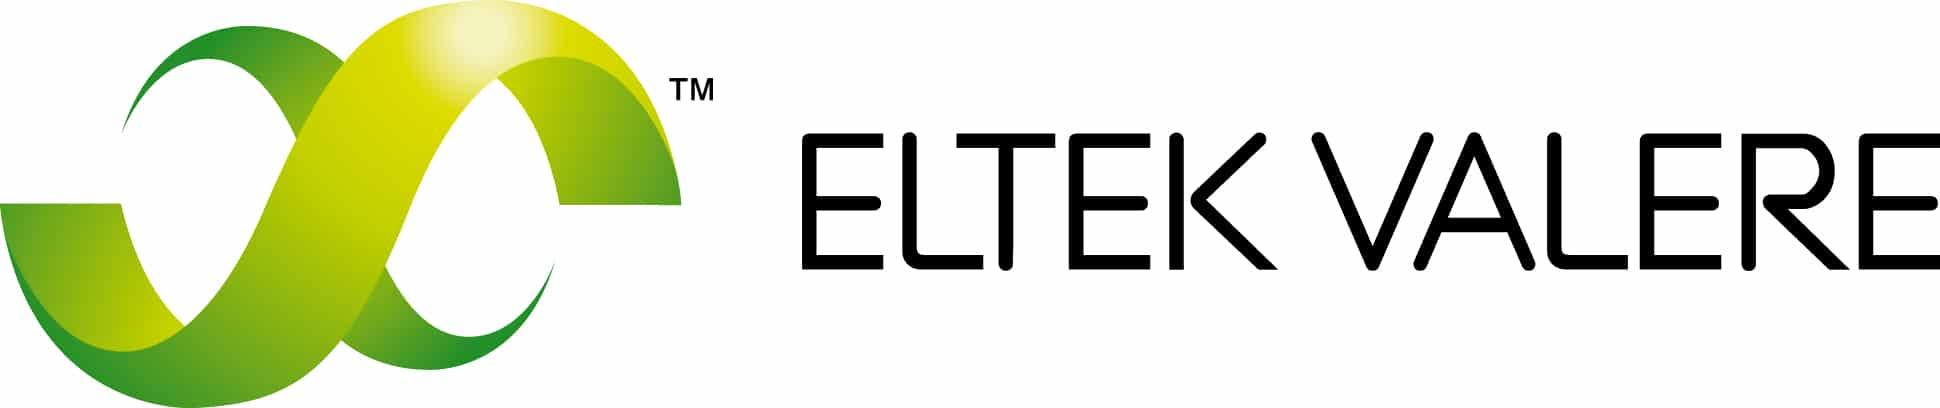 Eltek Valere